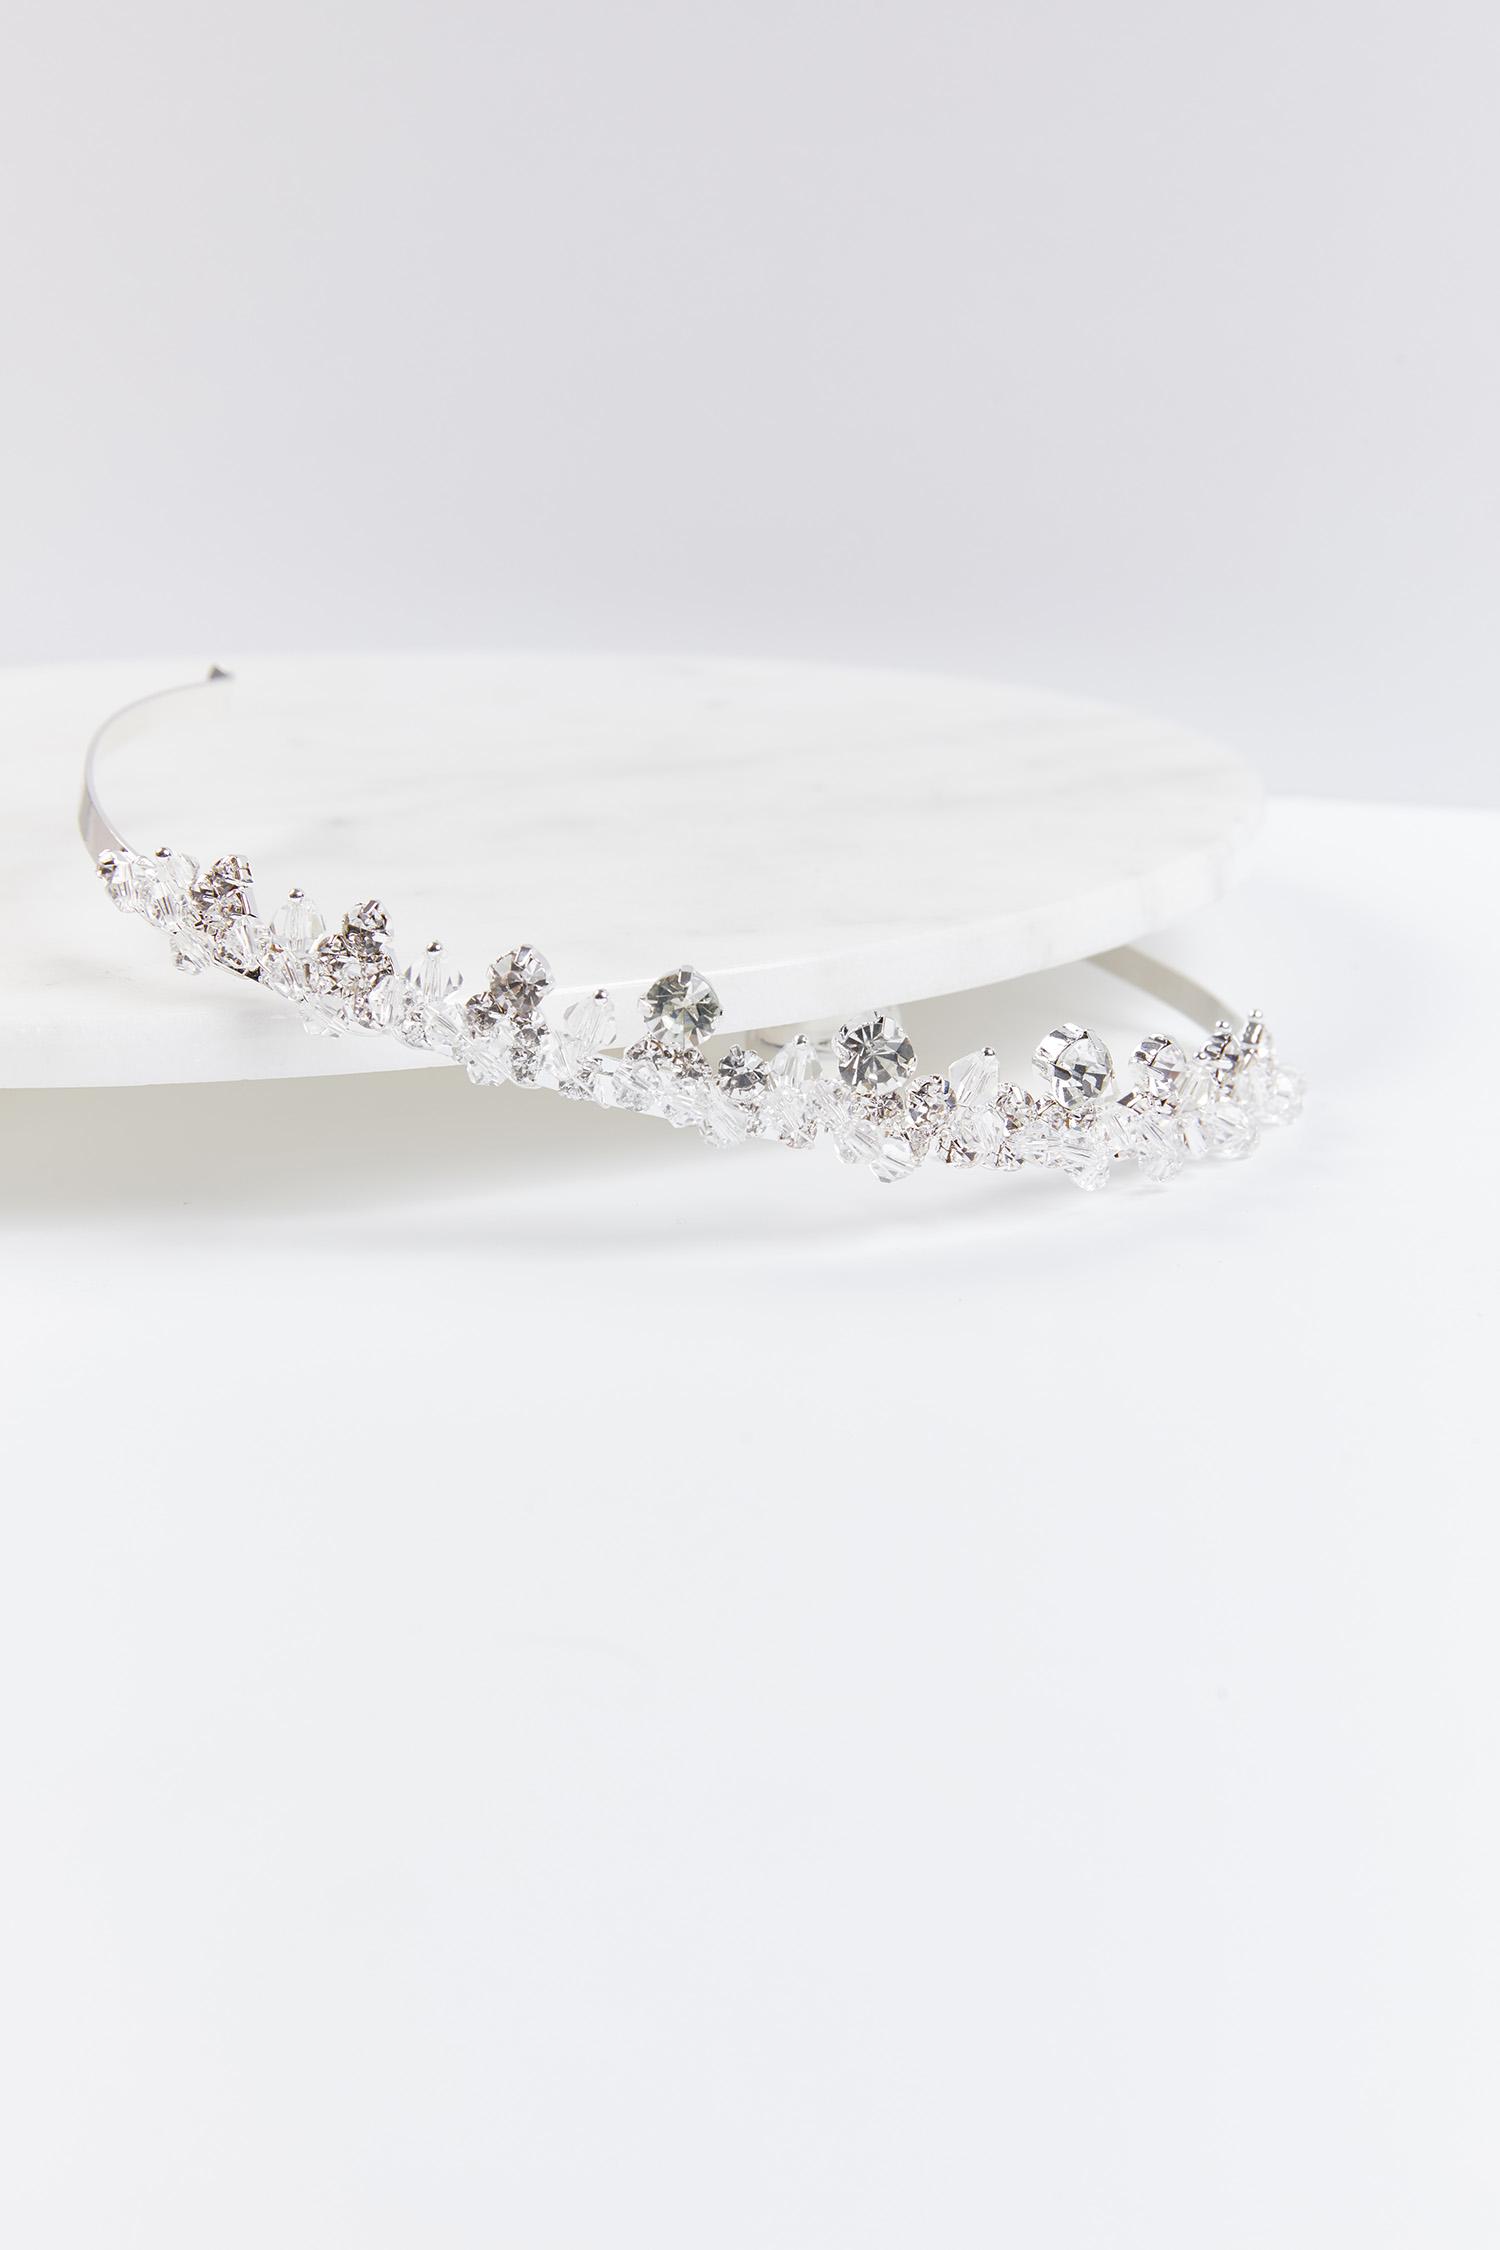 Gelinlik Tacı Gümüş Rengi Büyük Kristal Taşlı - Thumbnail